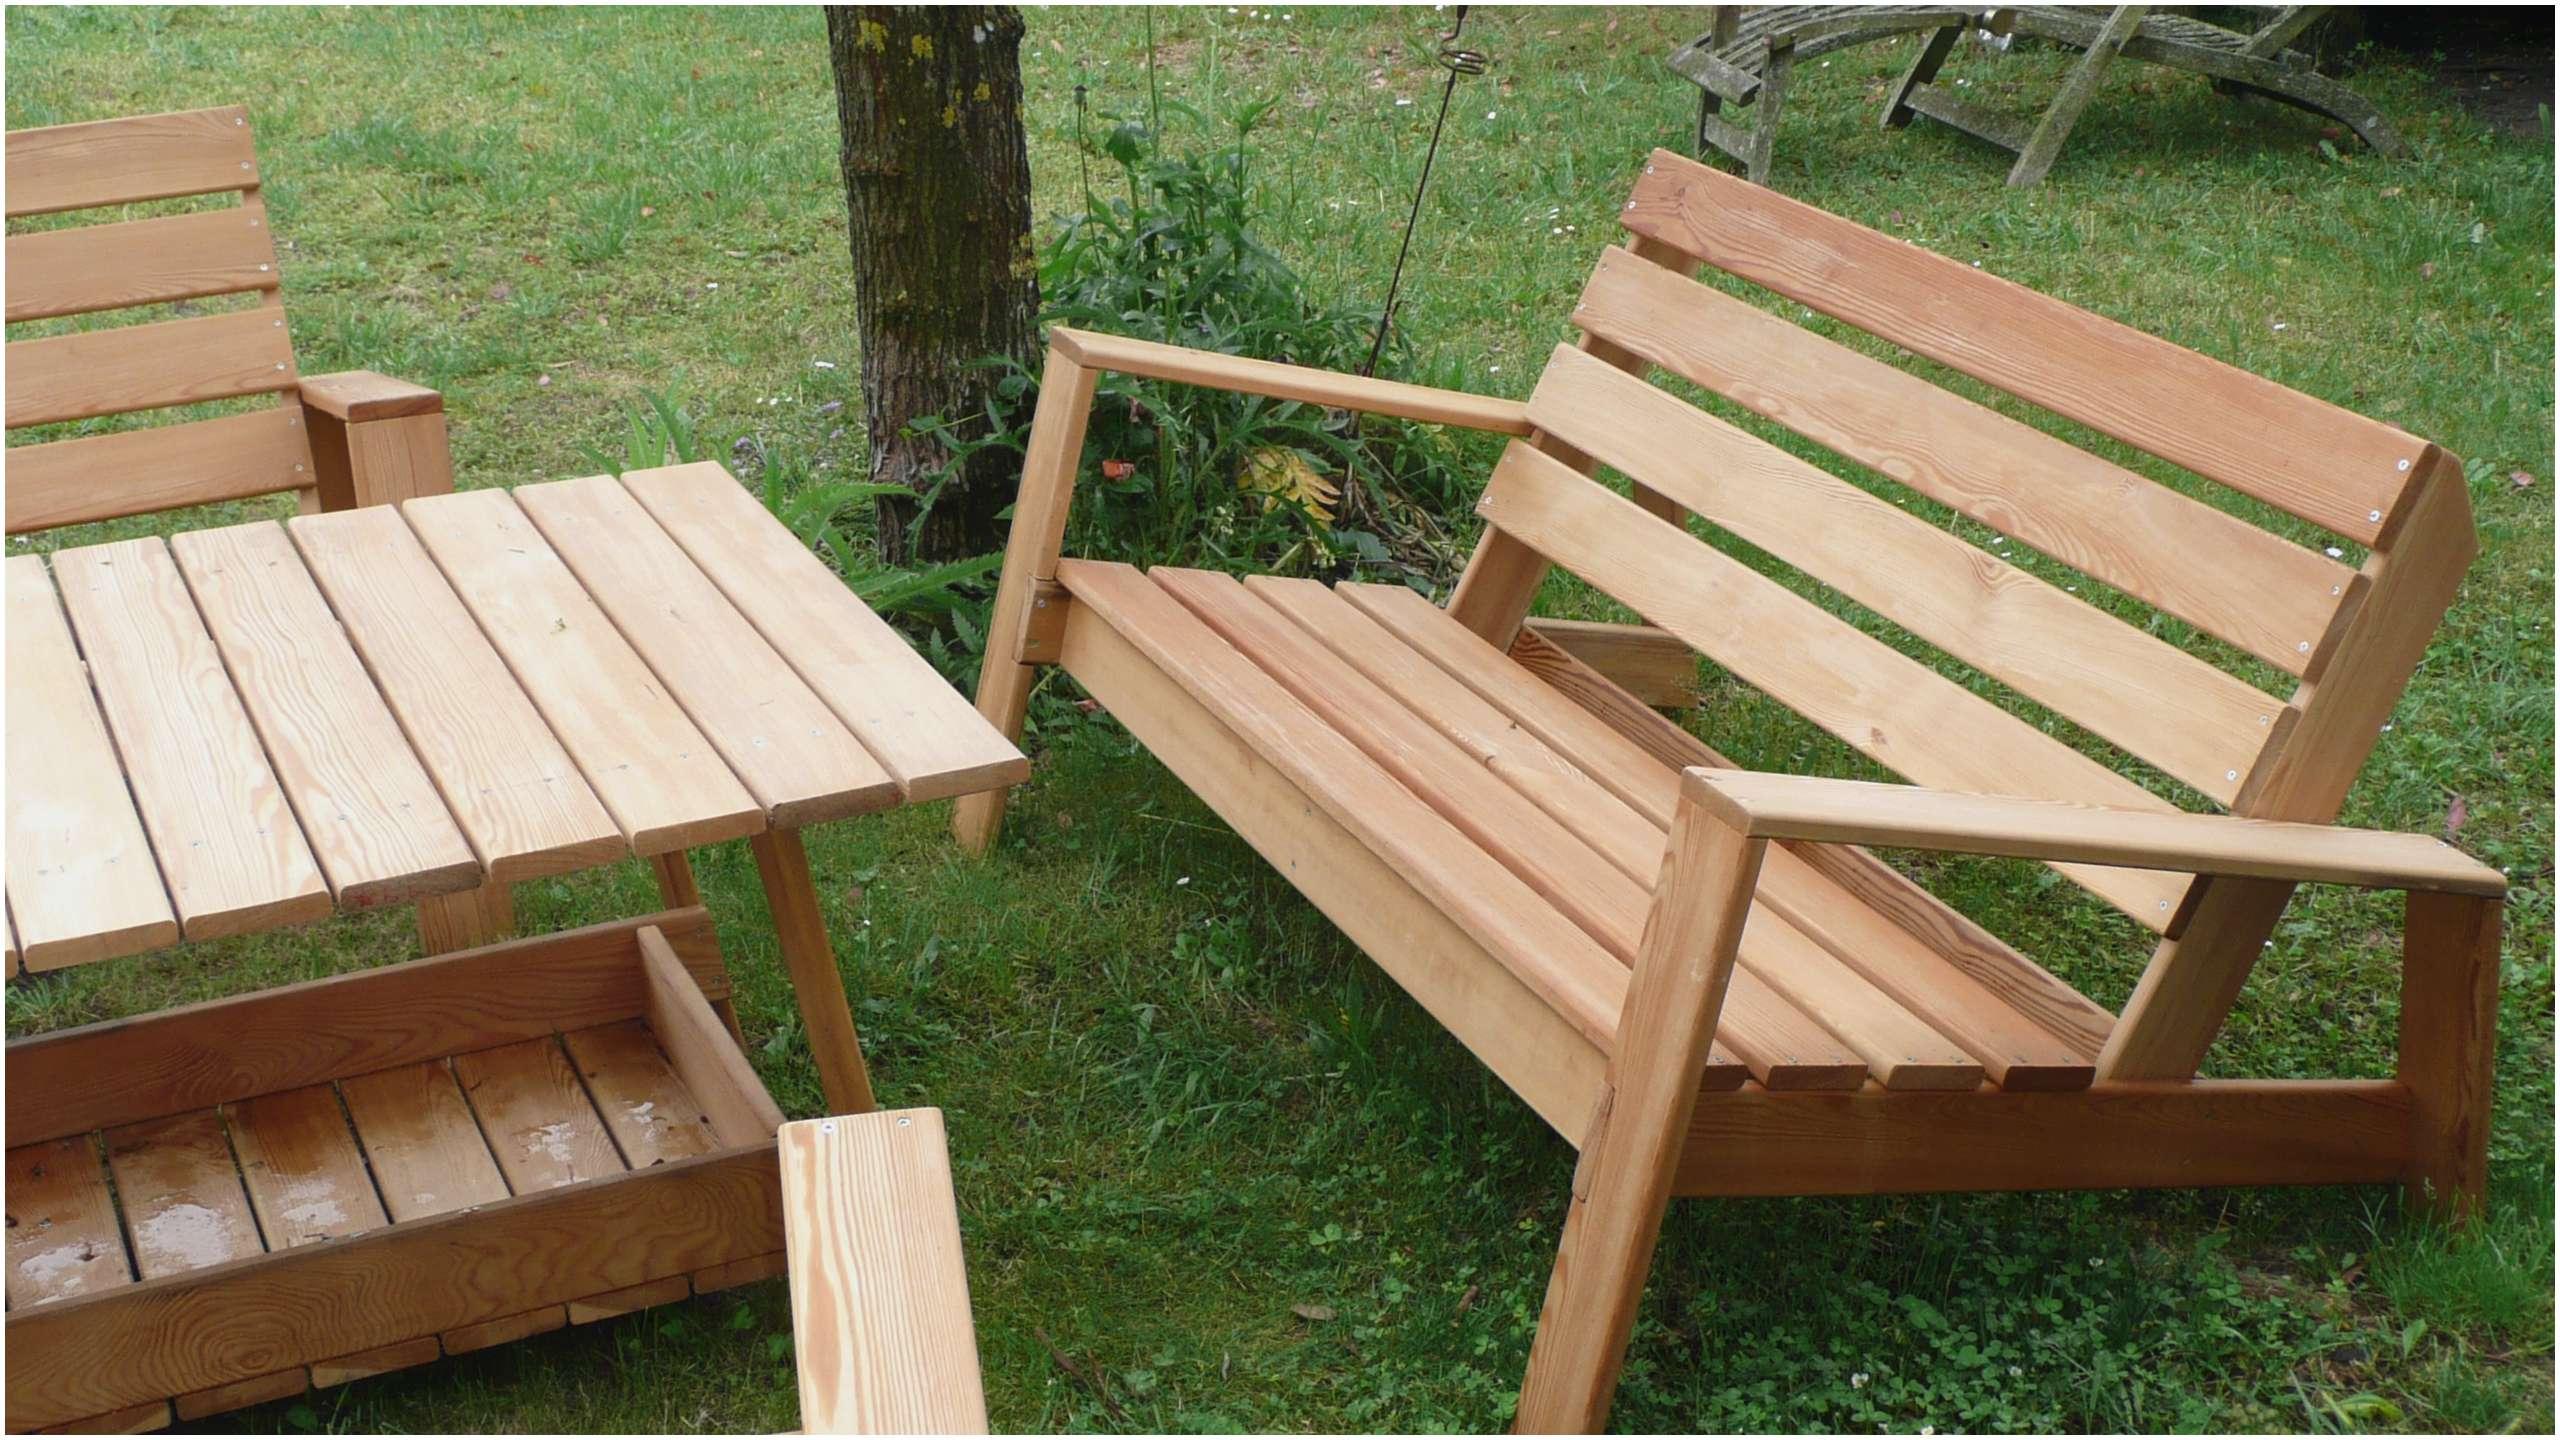 fabriquer un fauteuil chaise palette plan frais galerie fauteuil en palette plan luxe awesome salon de jardin en palette le meilleur de chaise palette plan frais galerie fauteuil en palette